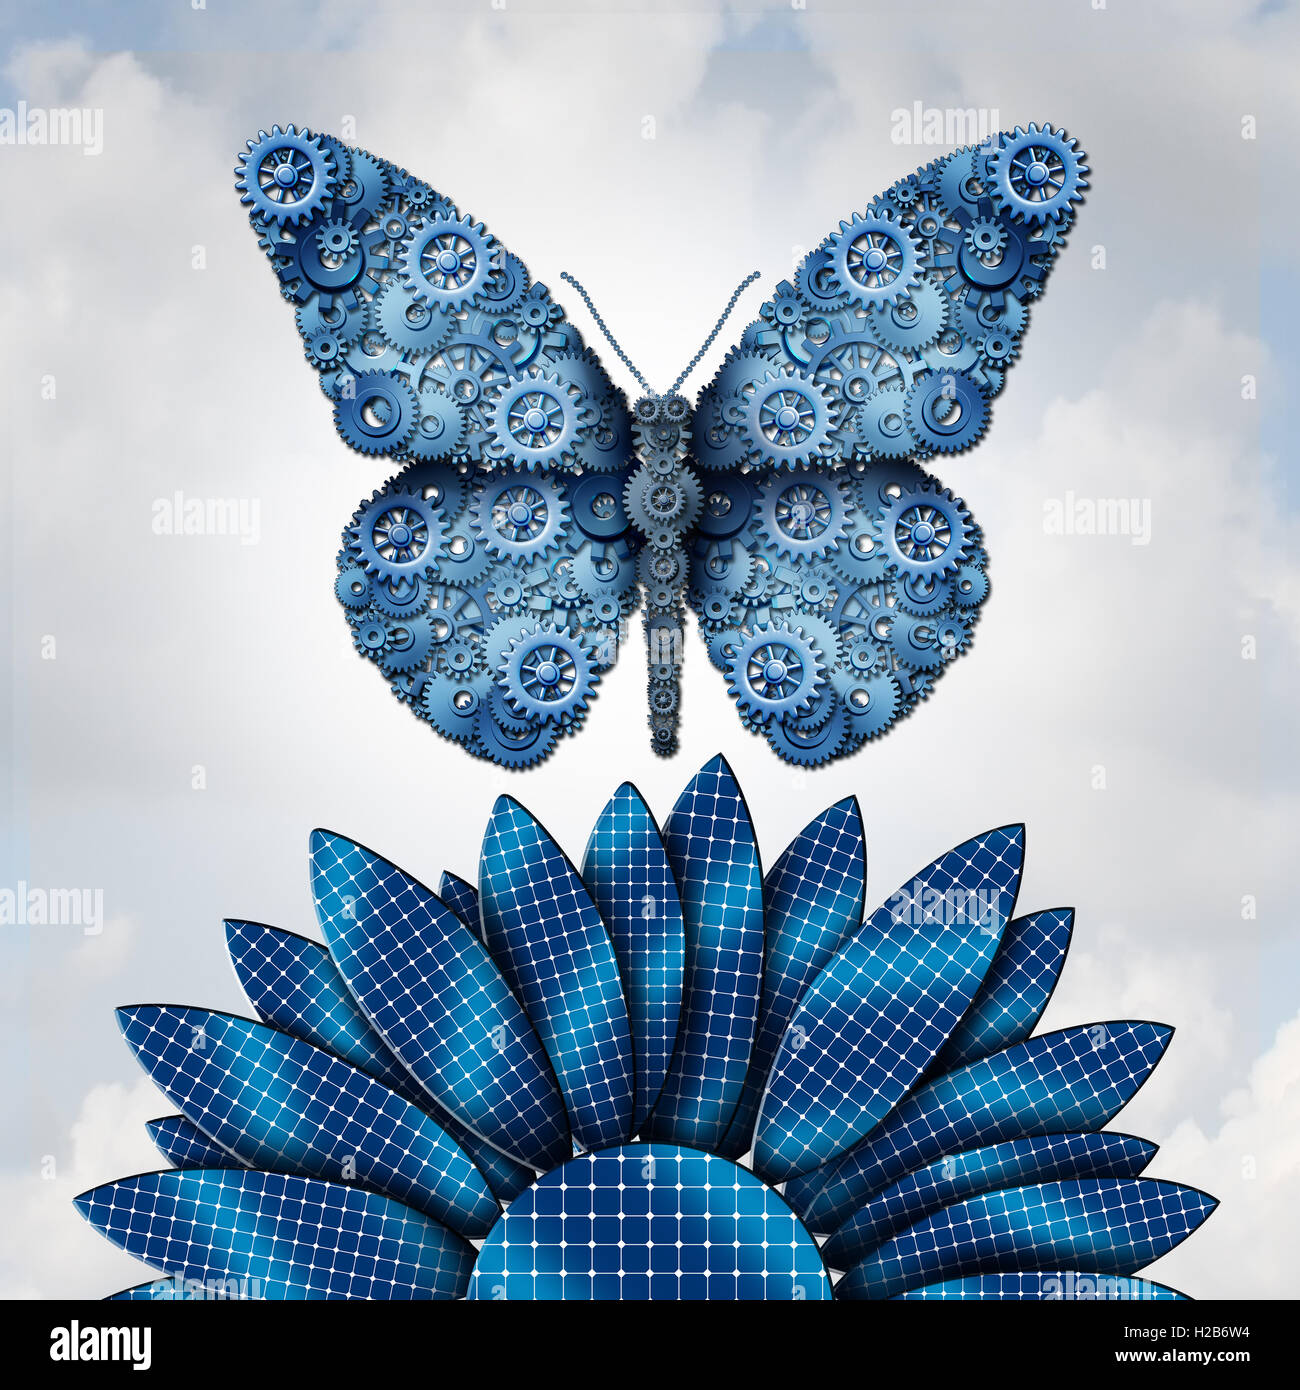 La industria de la energía solar y combustible alternativo desde el sol como una forma de mariposa con engranajes Imagen De Stock